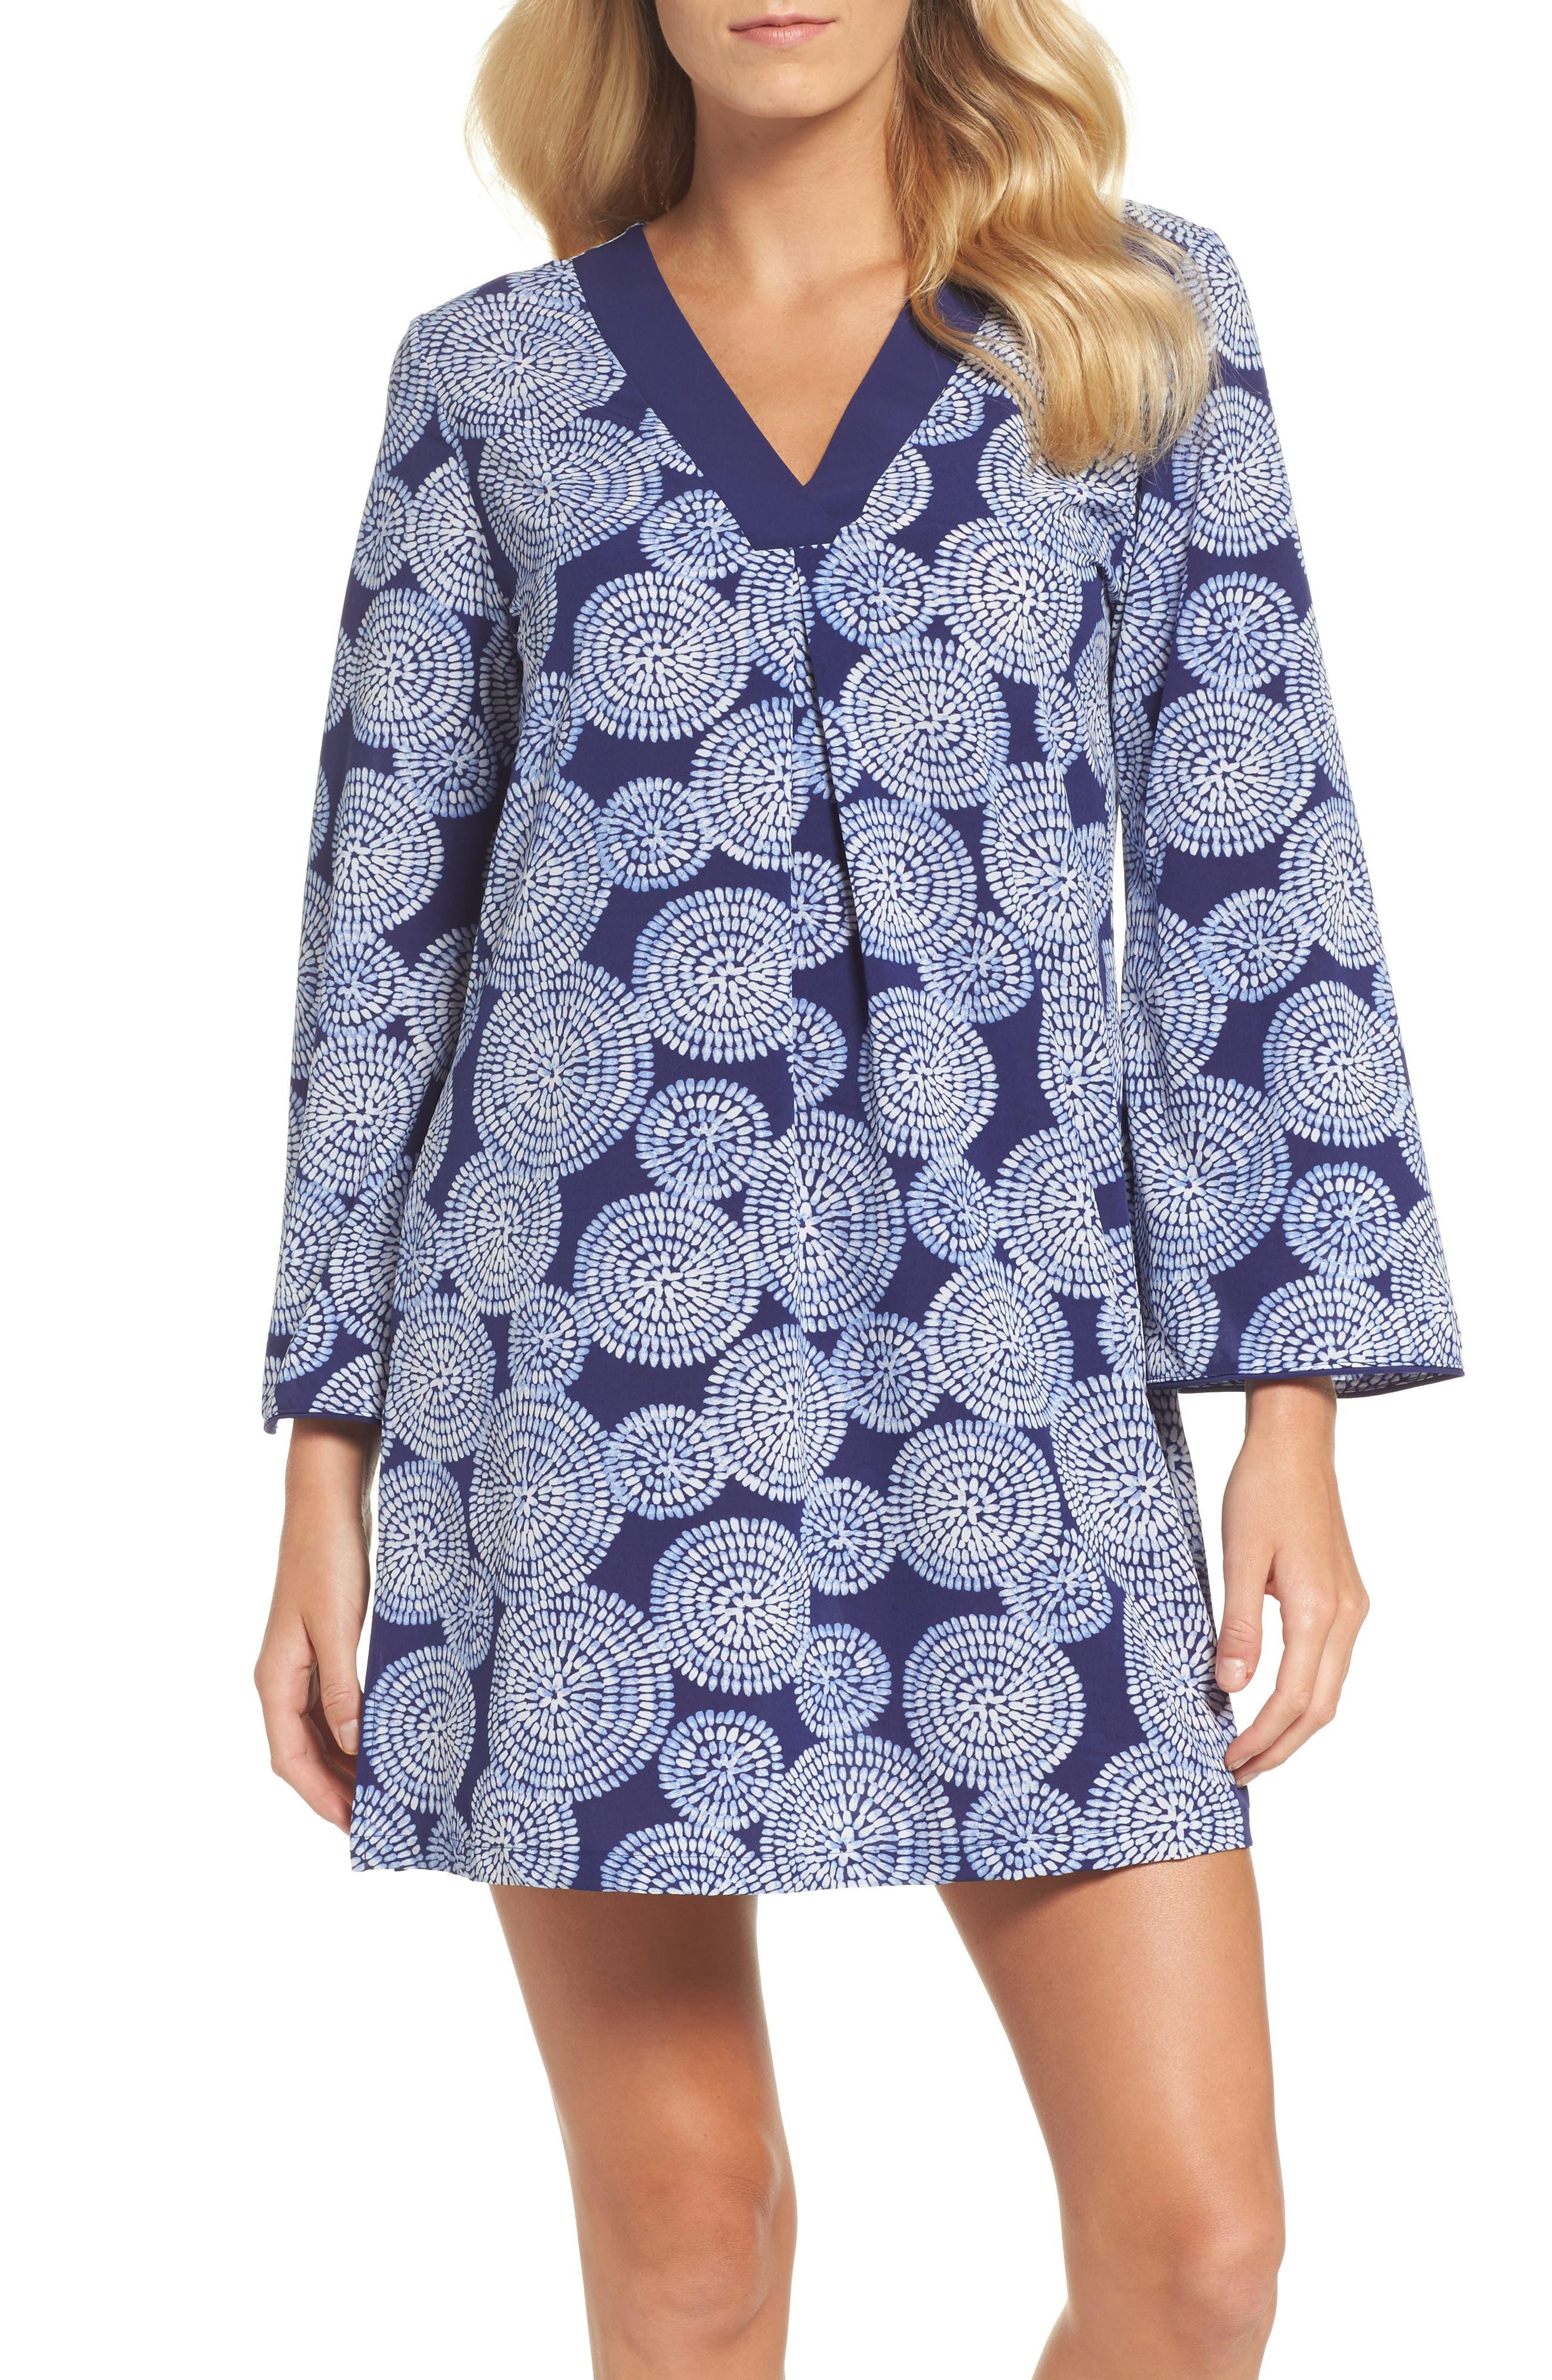 Main Image - Oscar de la Renta Sleepwear Halftan Short Nightgown